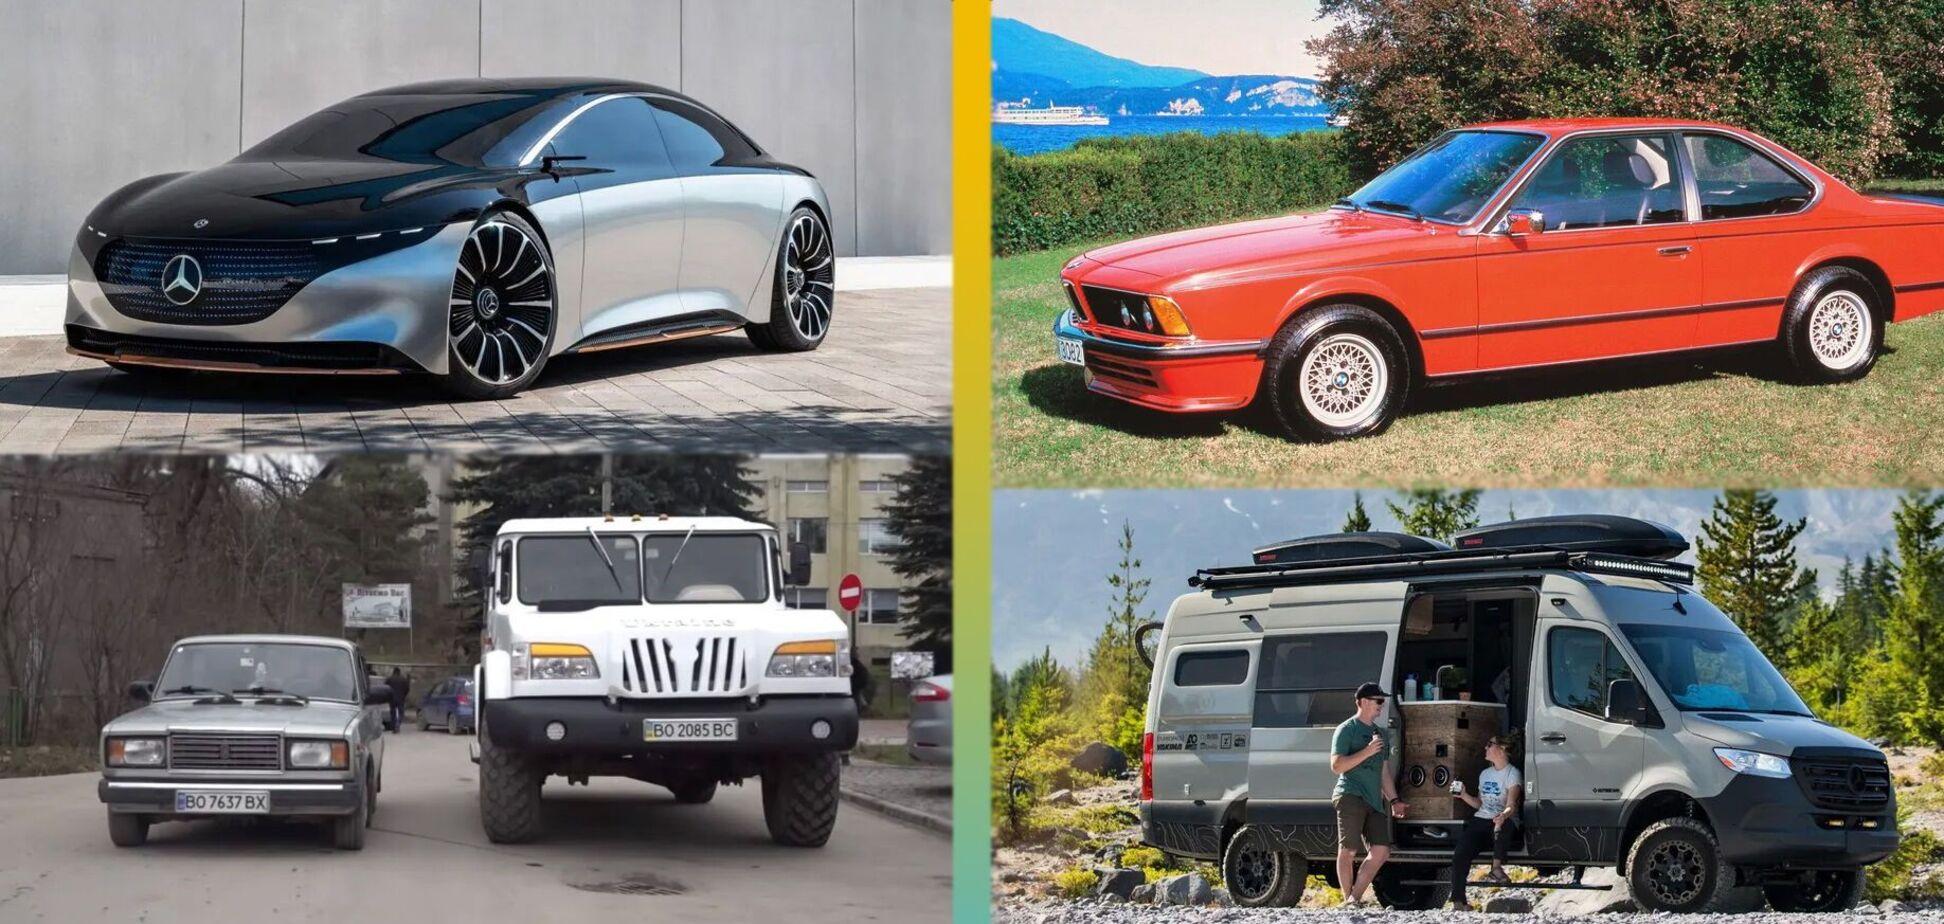 BMW с минимальным пробегом, угон года и грузовик 'Украина': лучшее за неделю